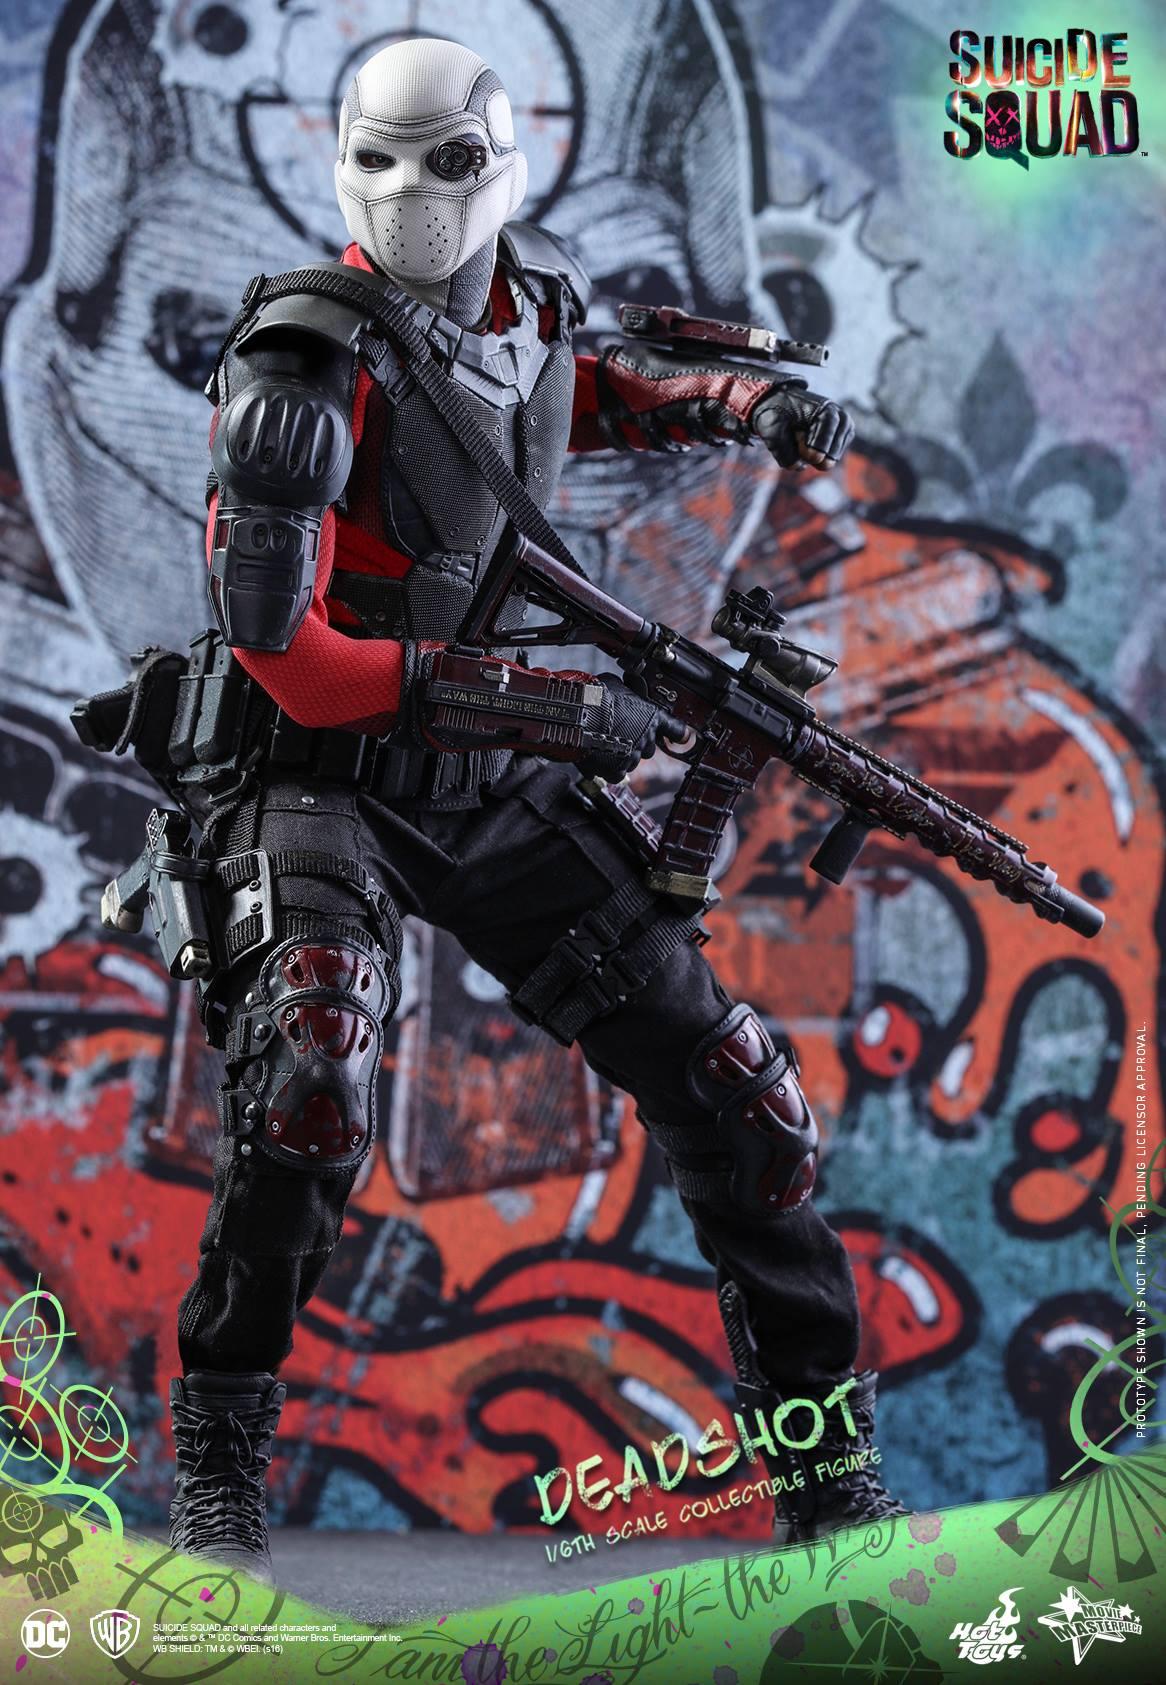 Hot-Toys-Suicide-Squad-Deadshot-7